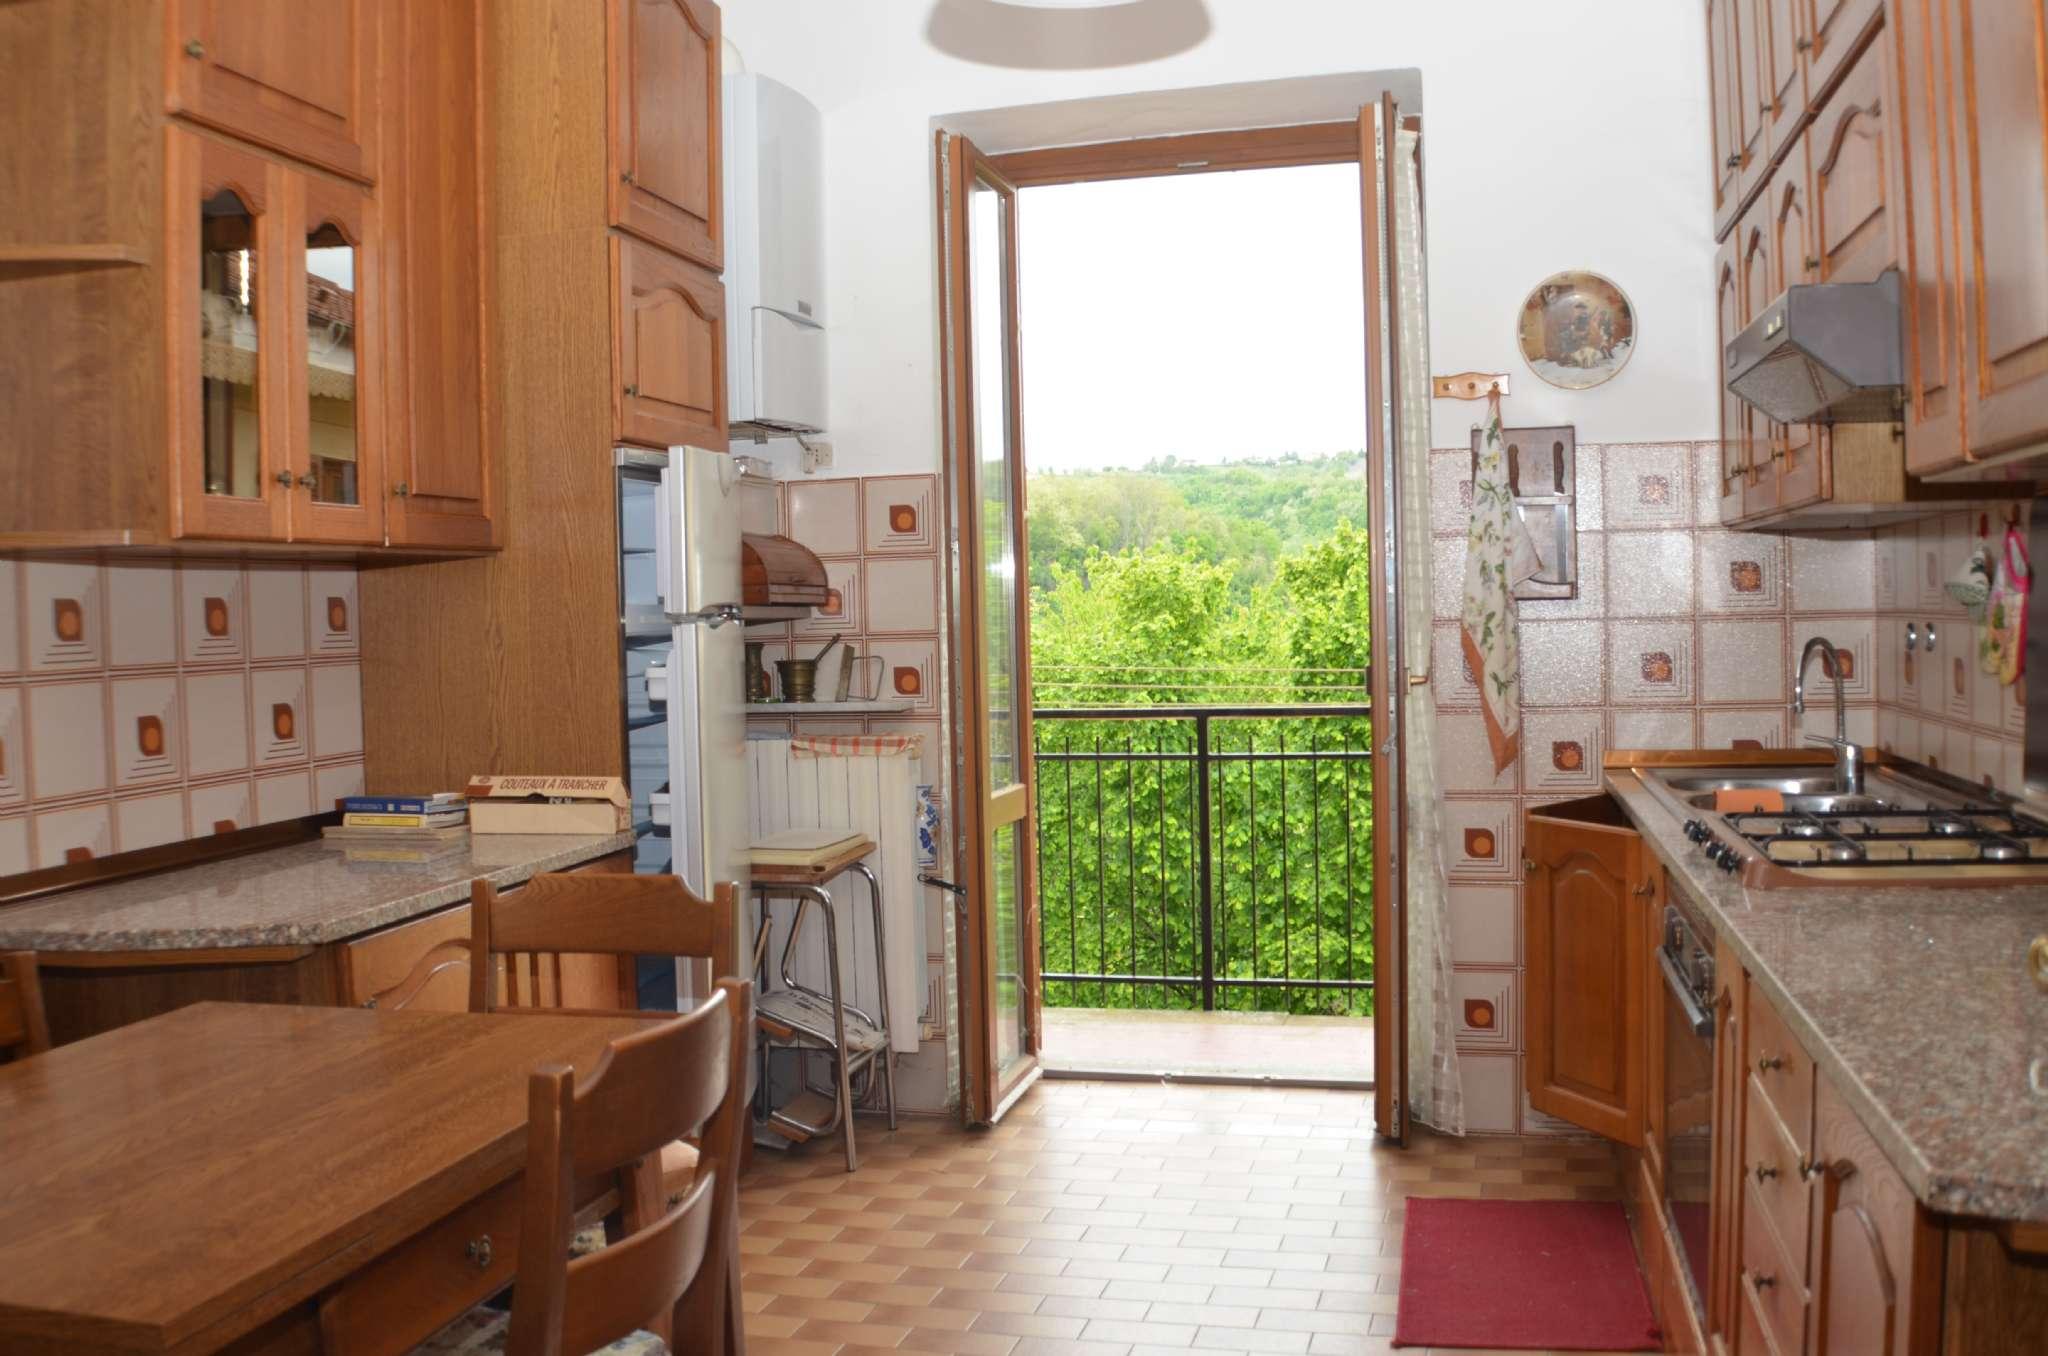 Appartamento in vendita a Molare, 4 locali, prezzo € 65.000 | PortaleAgenzieImmobiliari.it